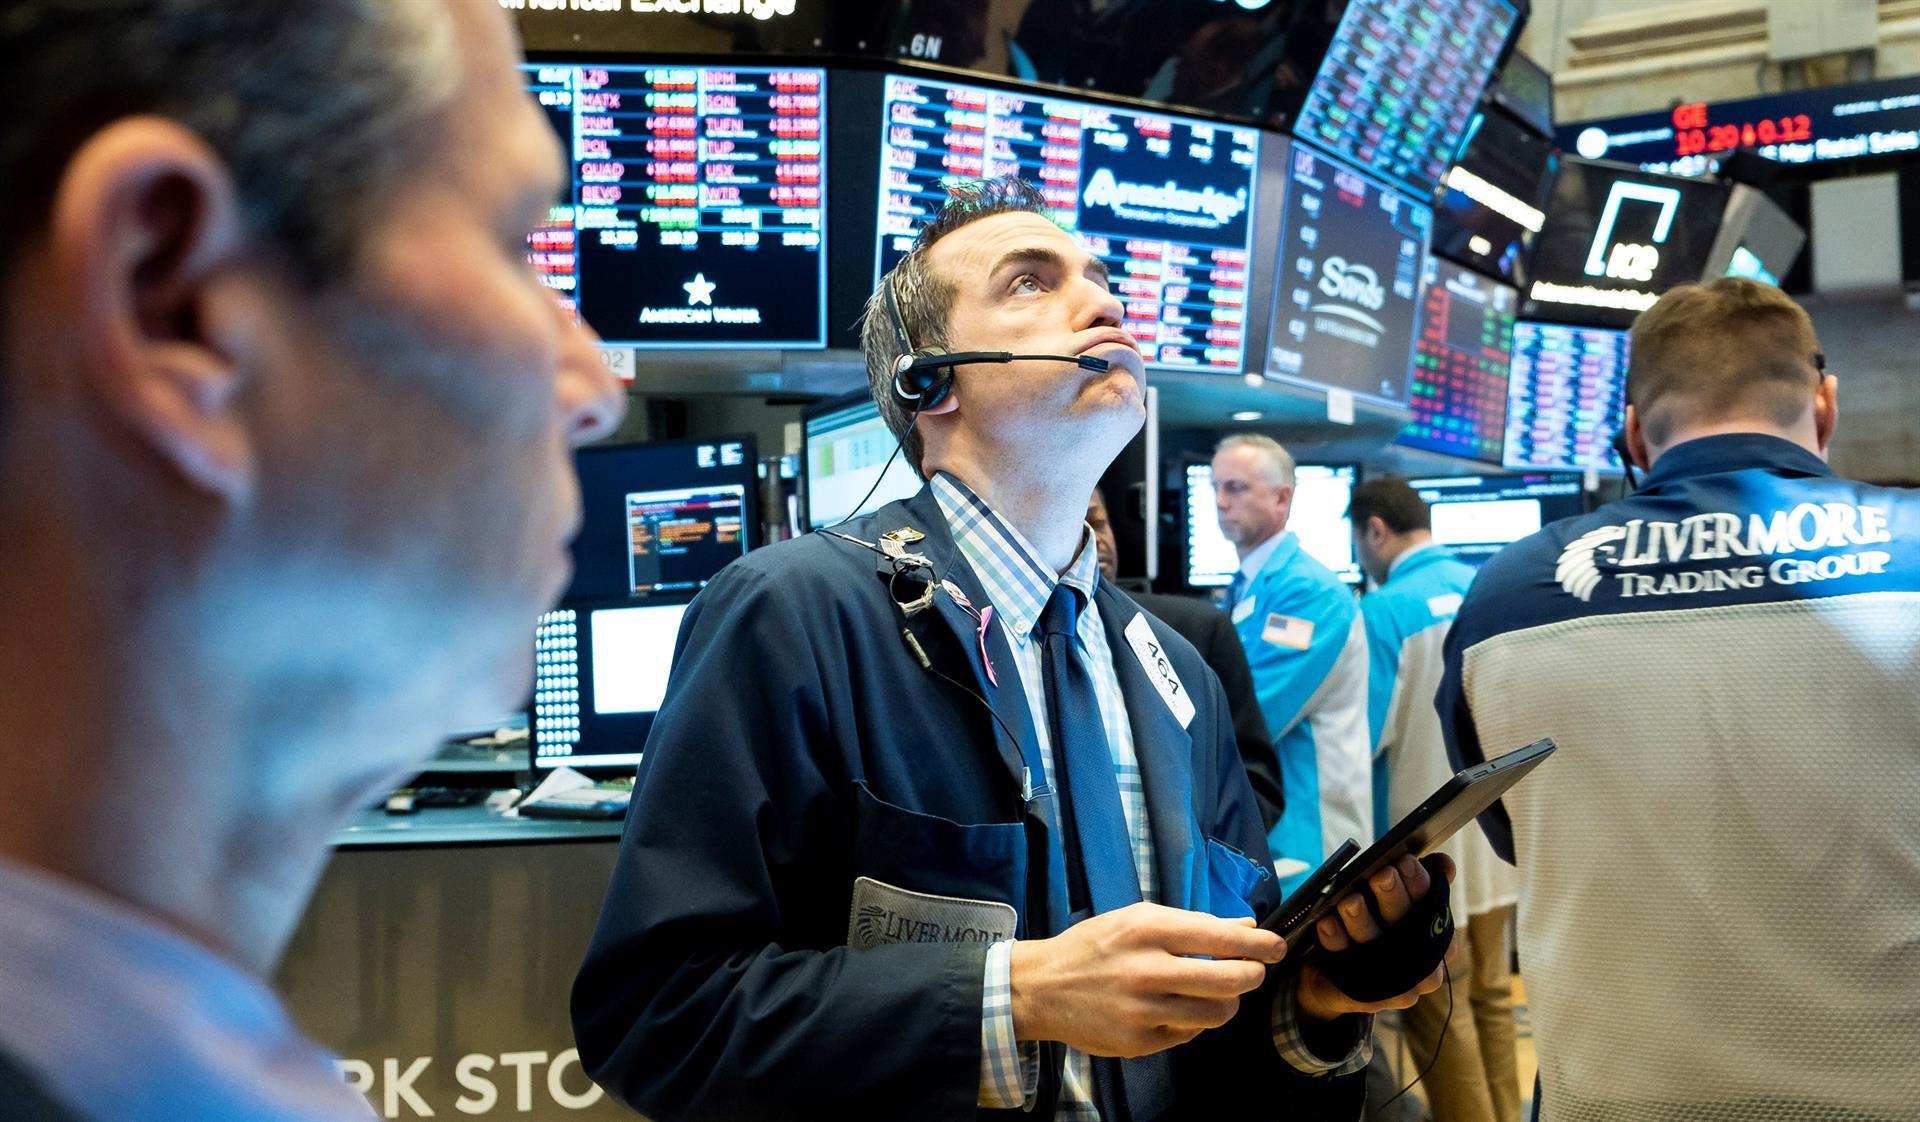 Economistas trabajan durante una jornada en la Bolsa de Nueva York. EFE/Justin Lane/Archivo